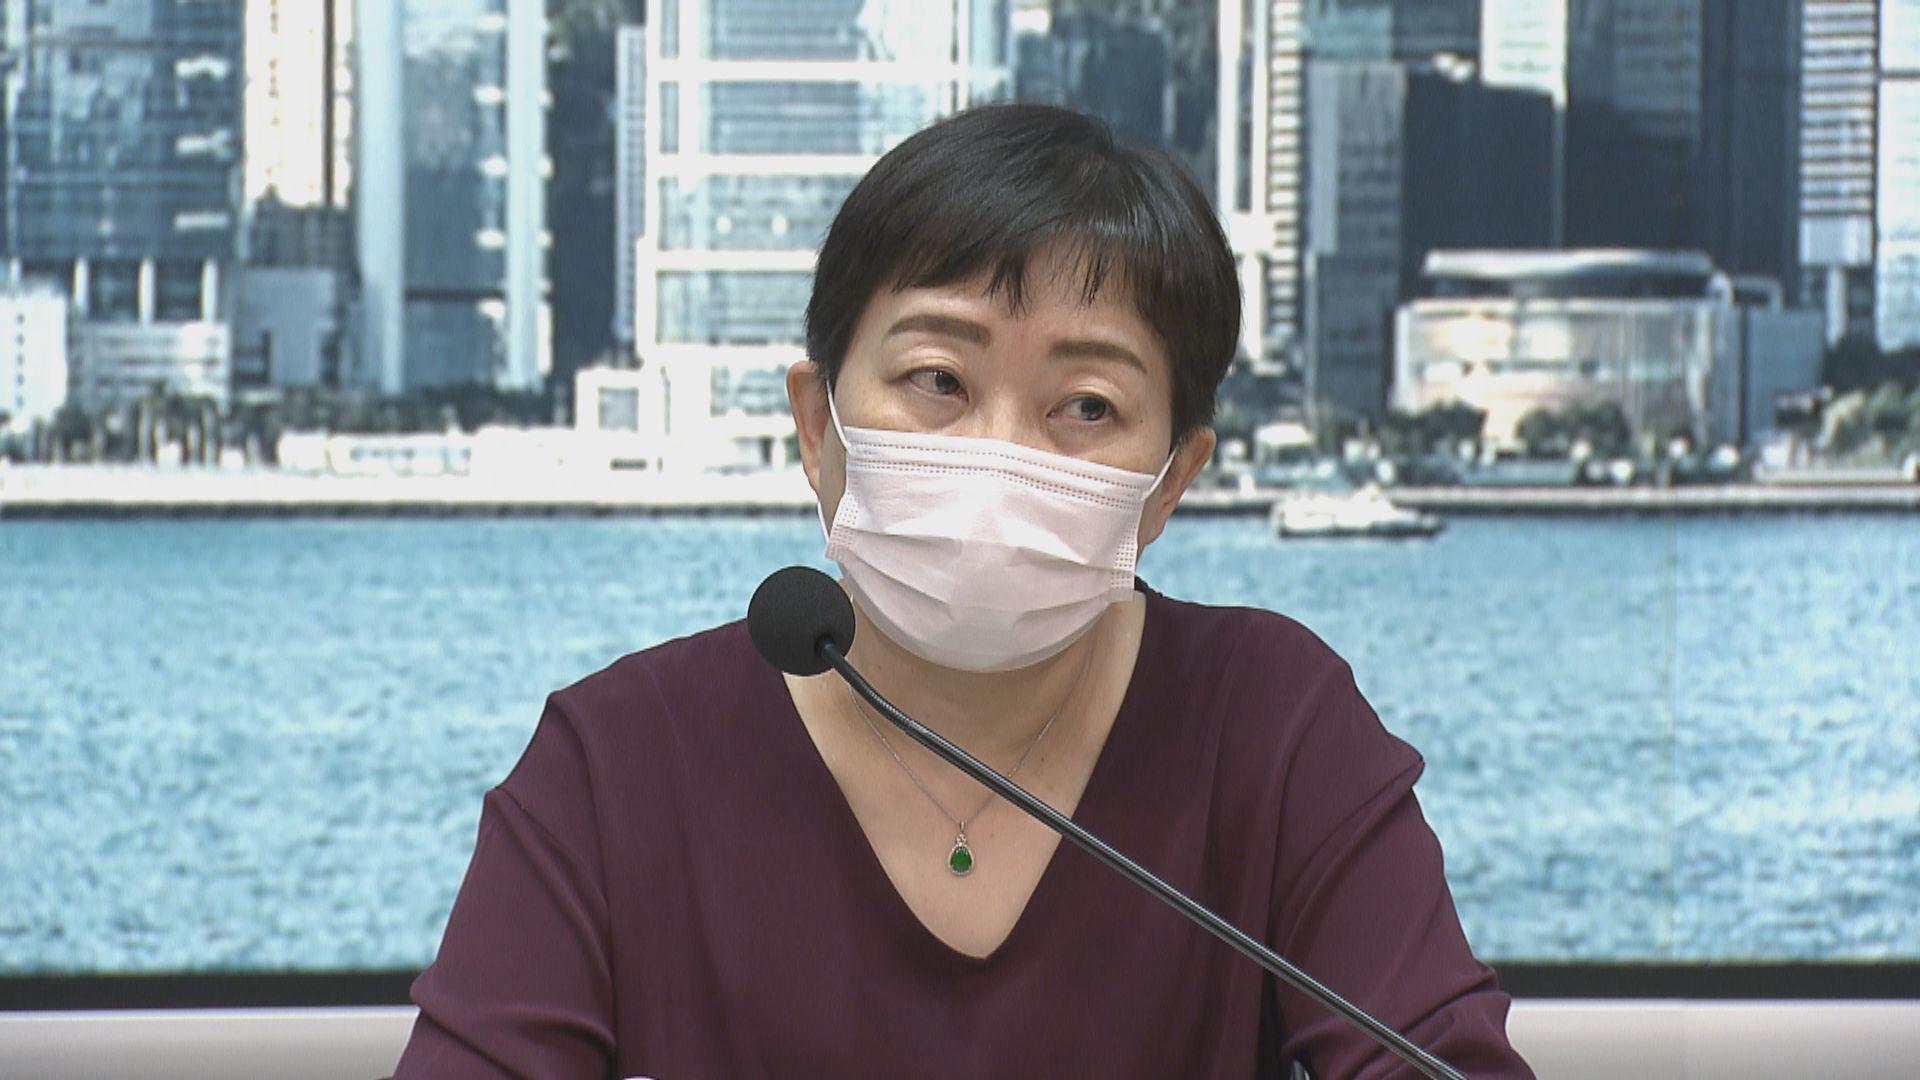 張竹君:相信帶變種病毒患者在機場感染的機會較大